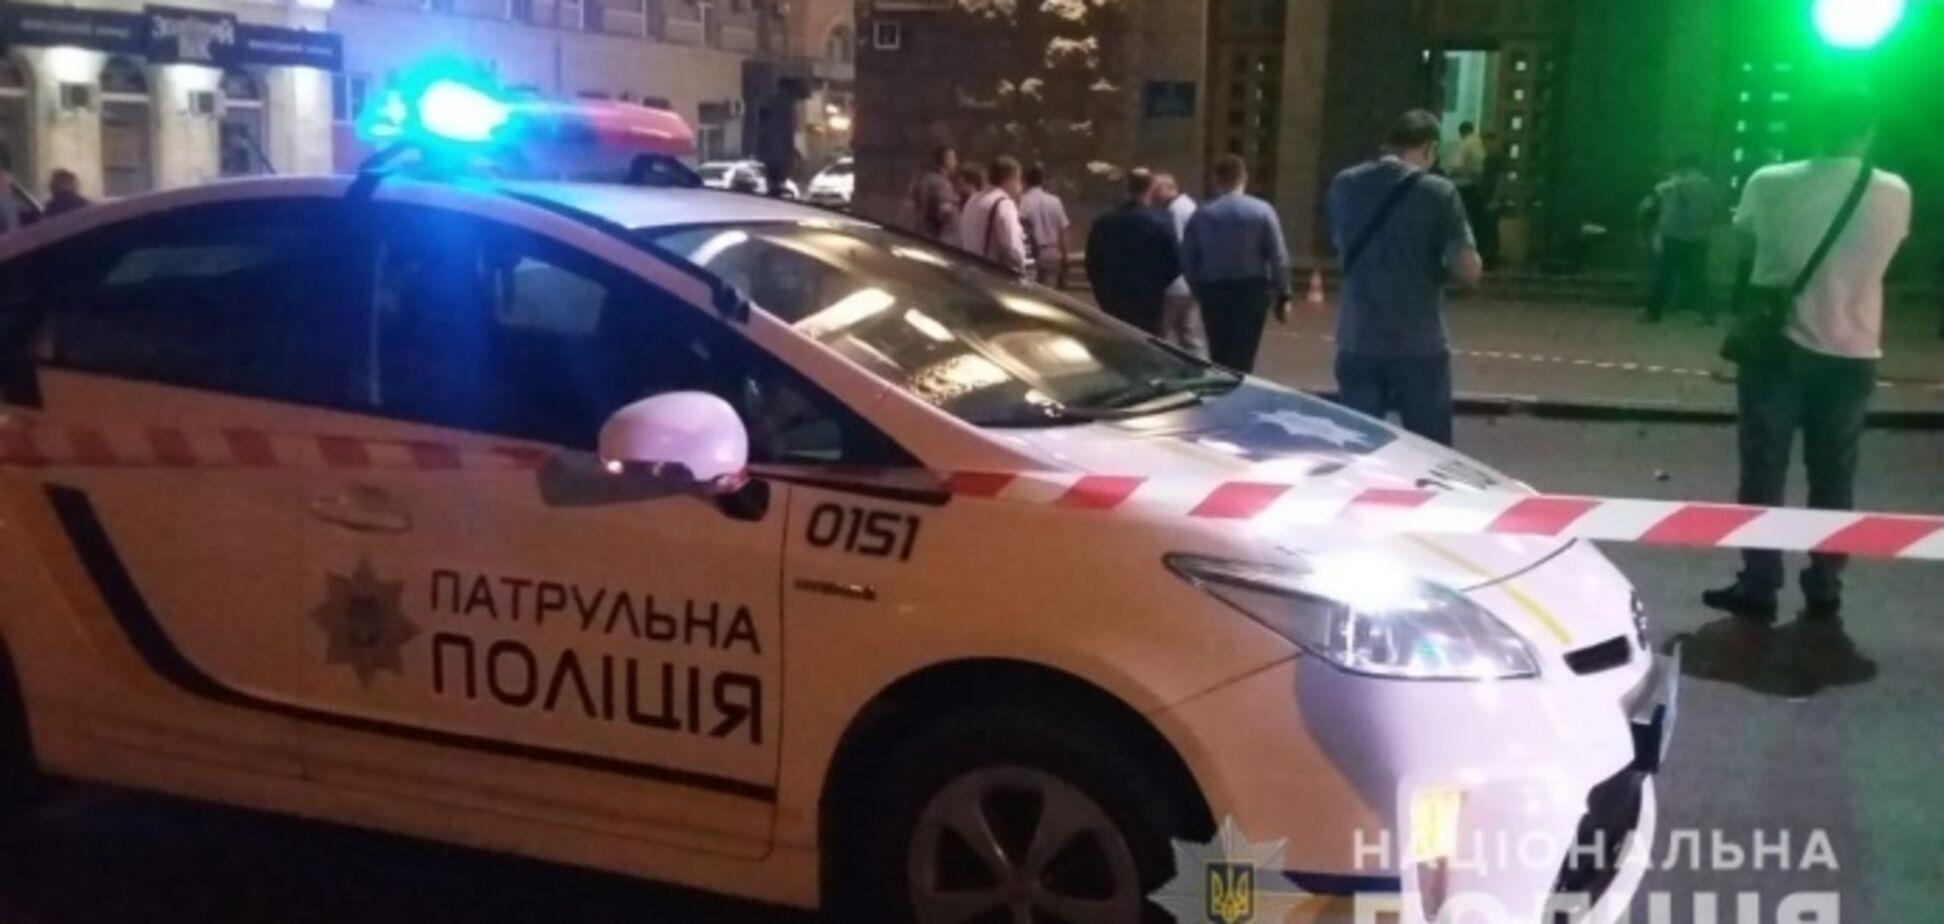 Бронежилет не спас: появились новые подробности стрельбы в Харькове